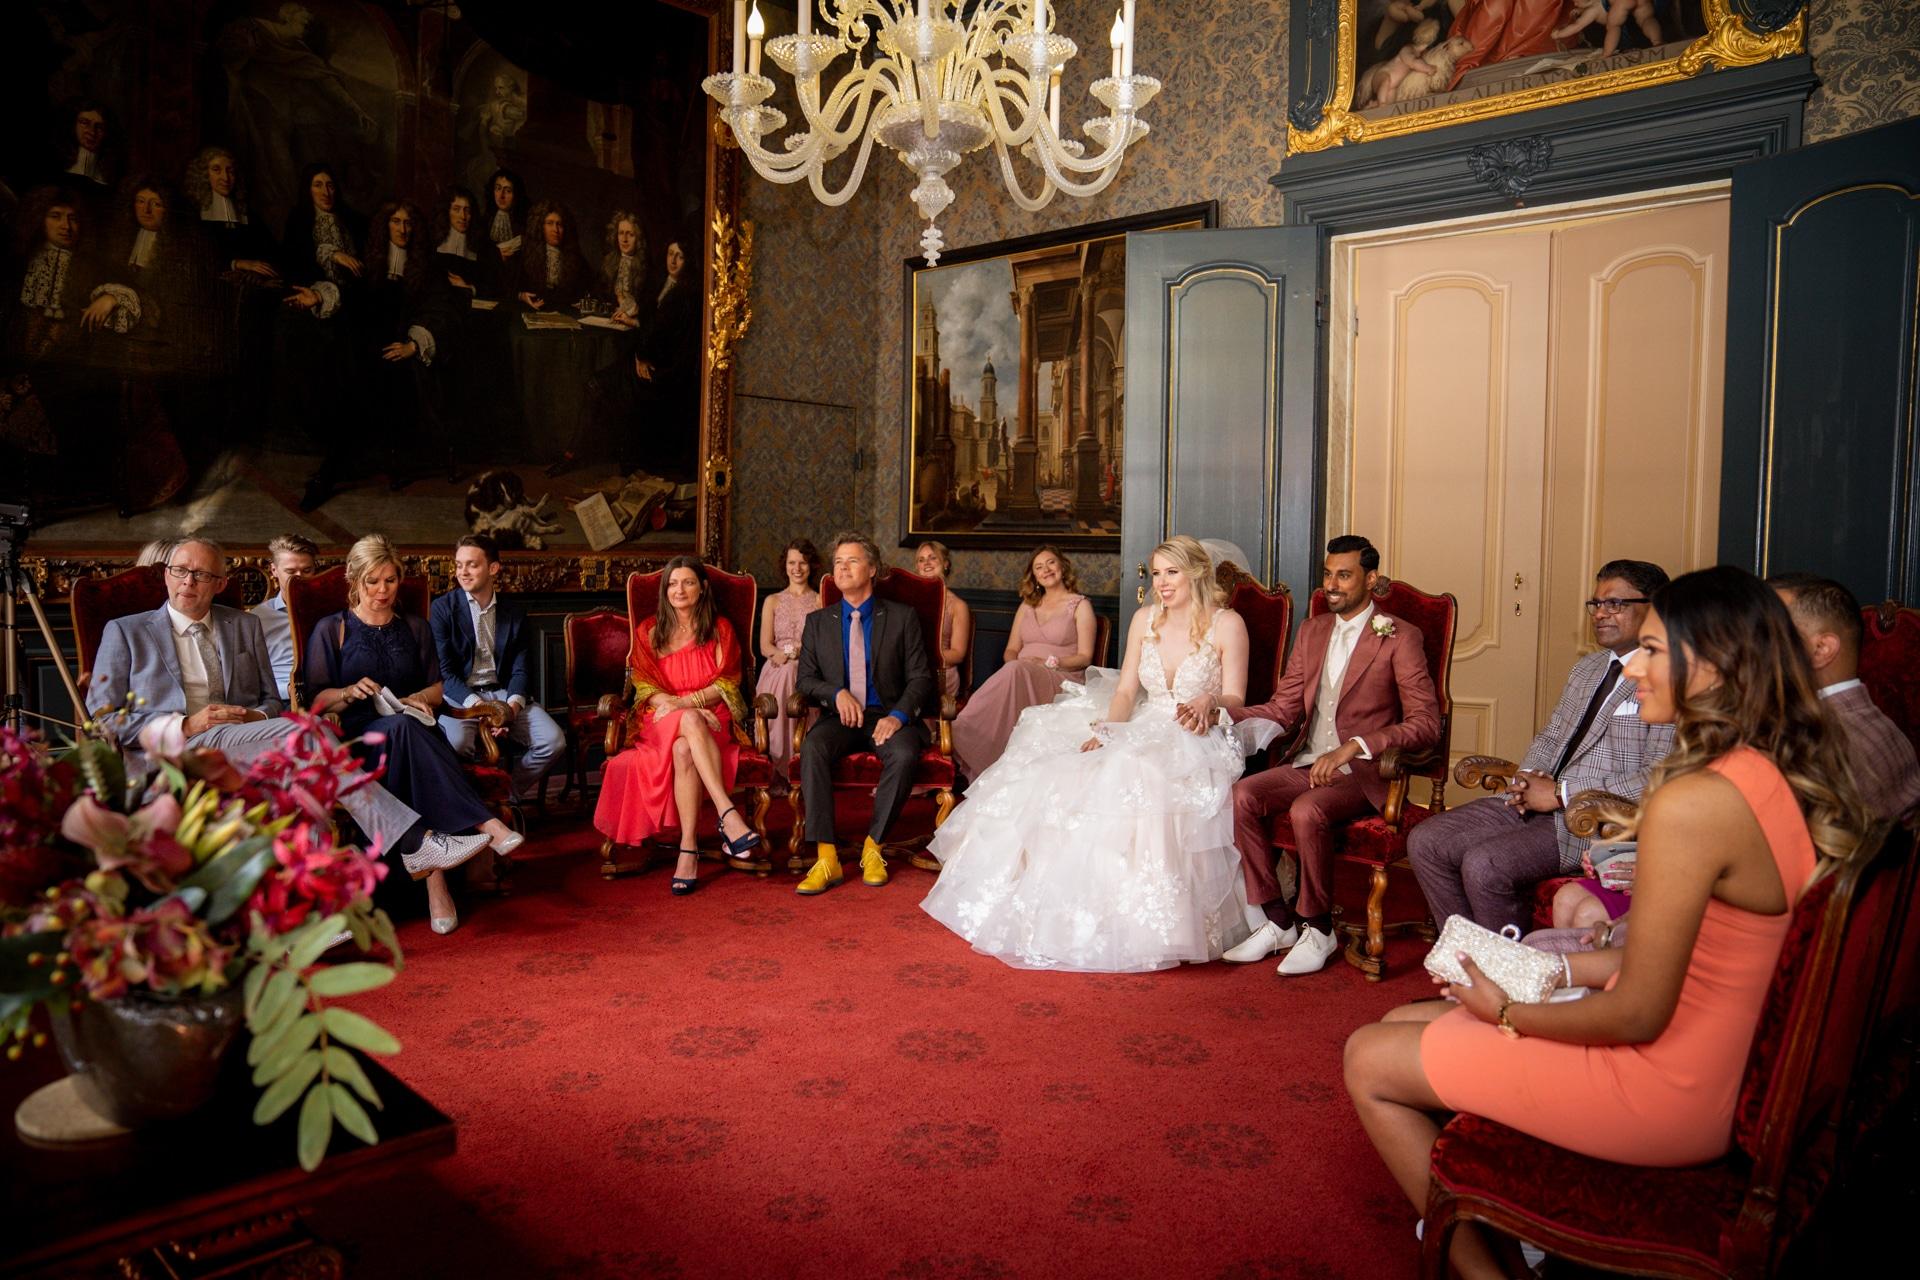 Ceremonie trouwen Den Haag stadhuis